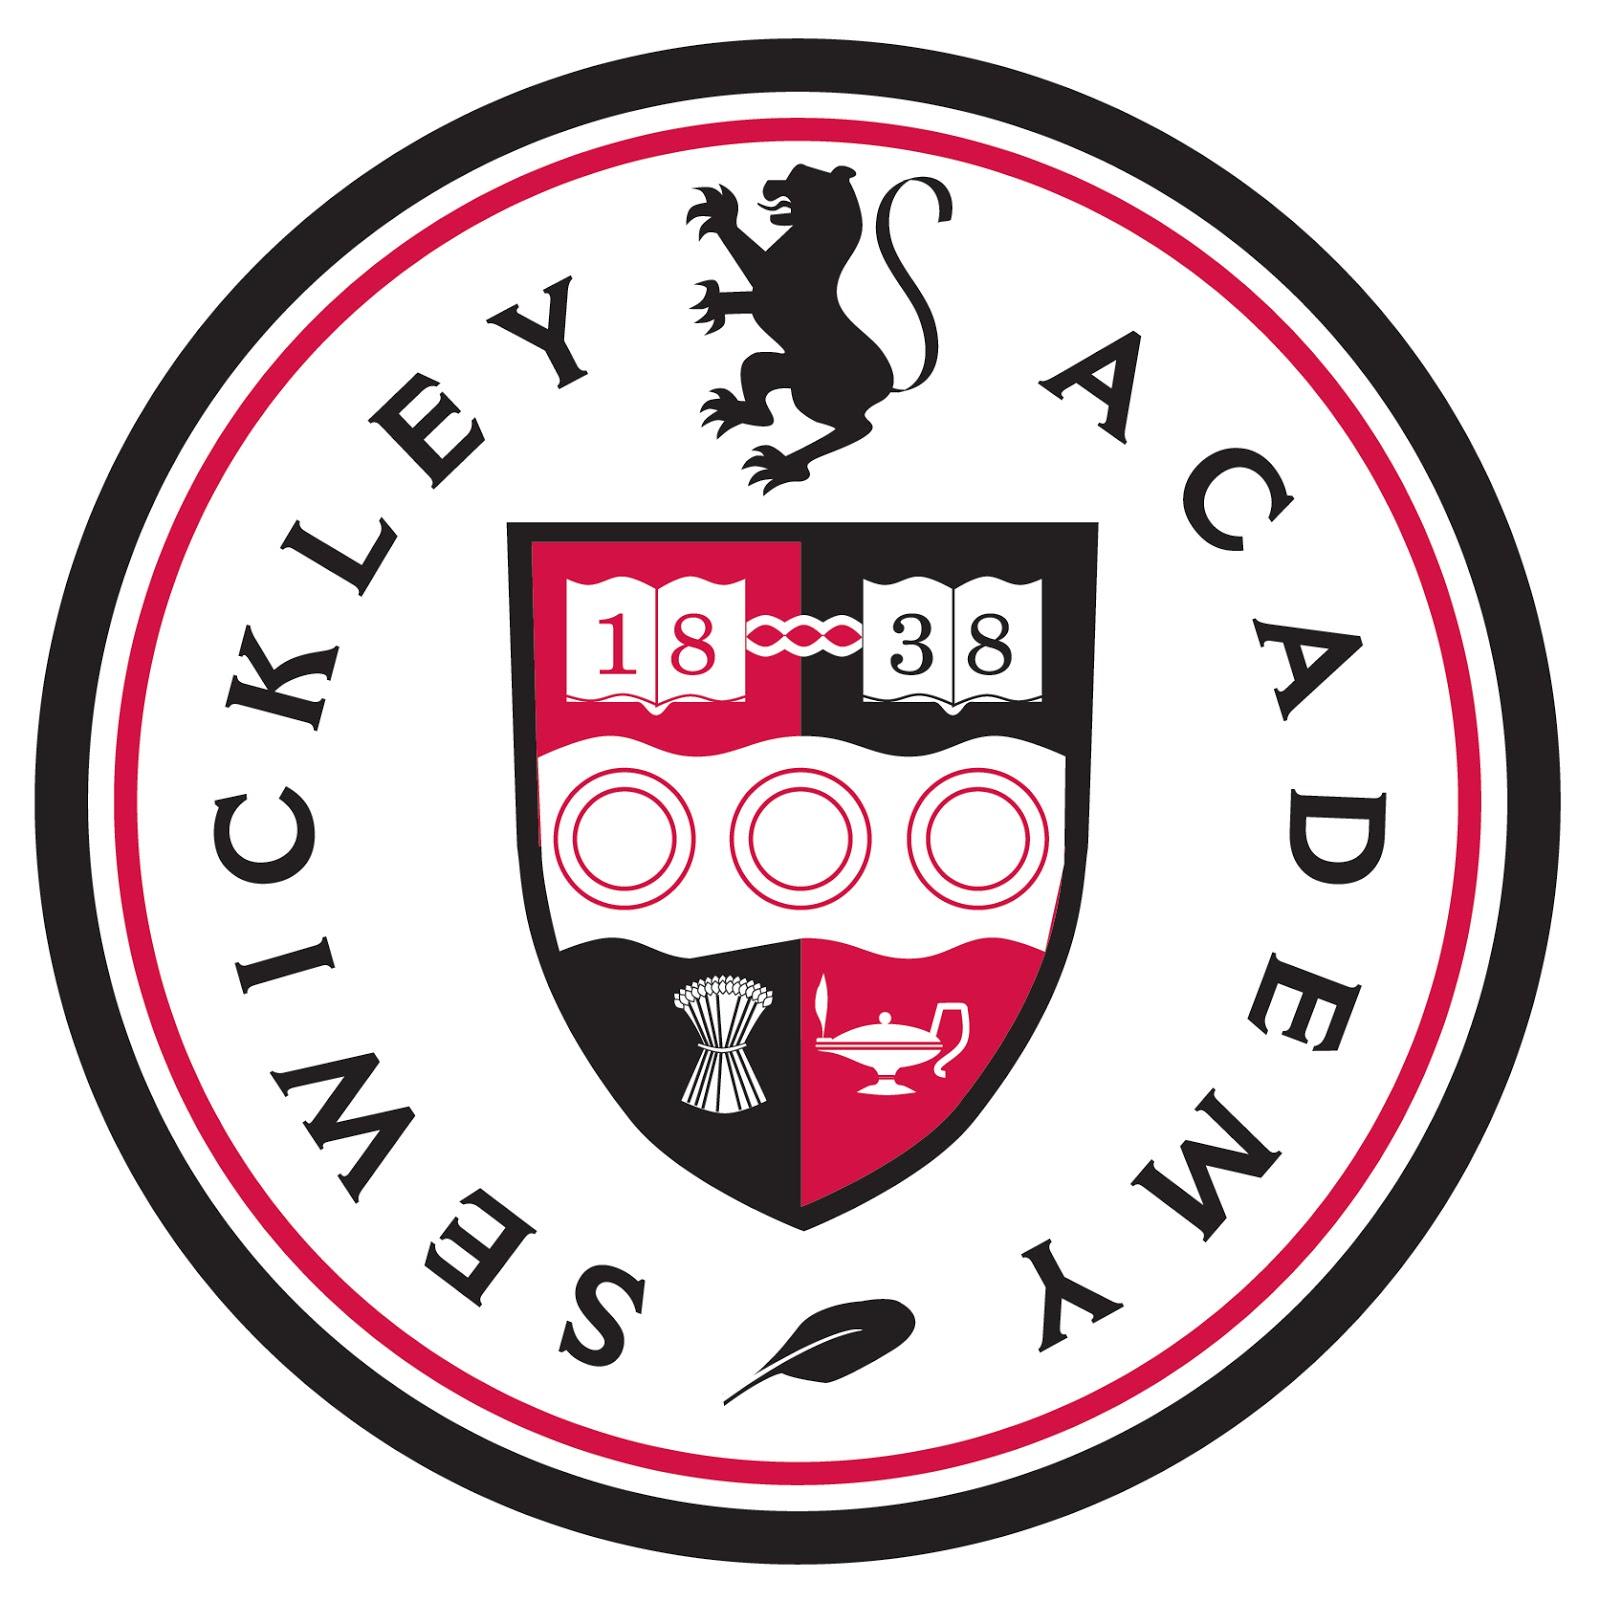 Sewickley Academy High School